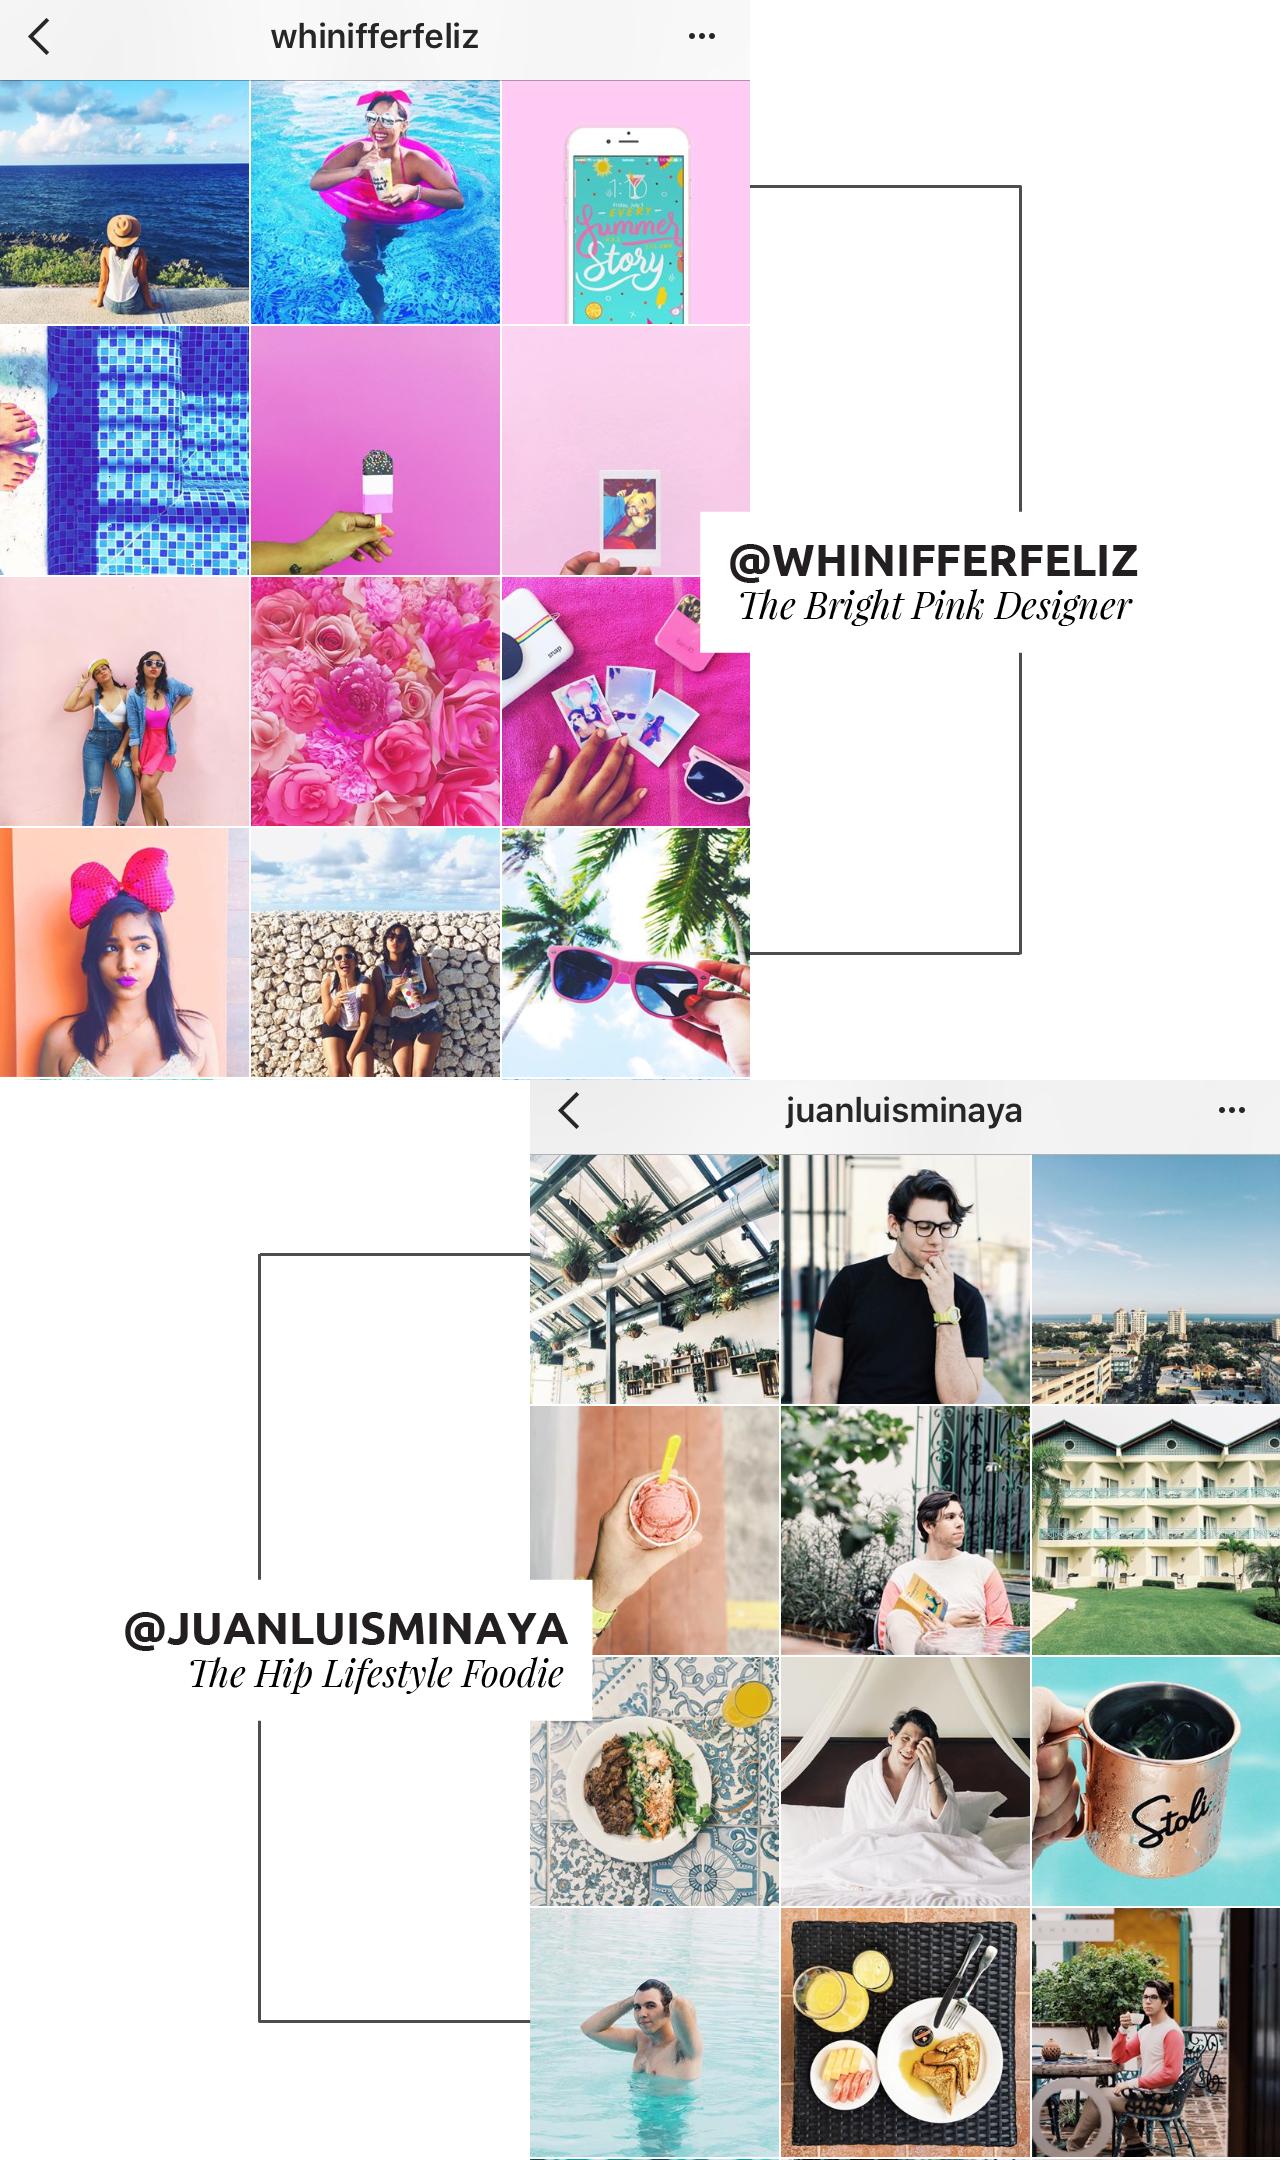 4 CUENTAS DOMINICANAS EN INSTAGRAM QUE DEBES SEGUIR #5 Me encanta la gente que nos inspira a ser mas creativo. ¡Estas son 4 cuentas dominicanas en Instagram que debes seguir!